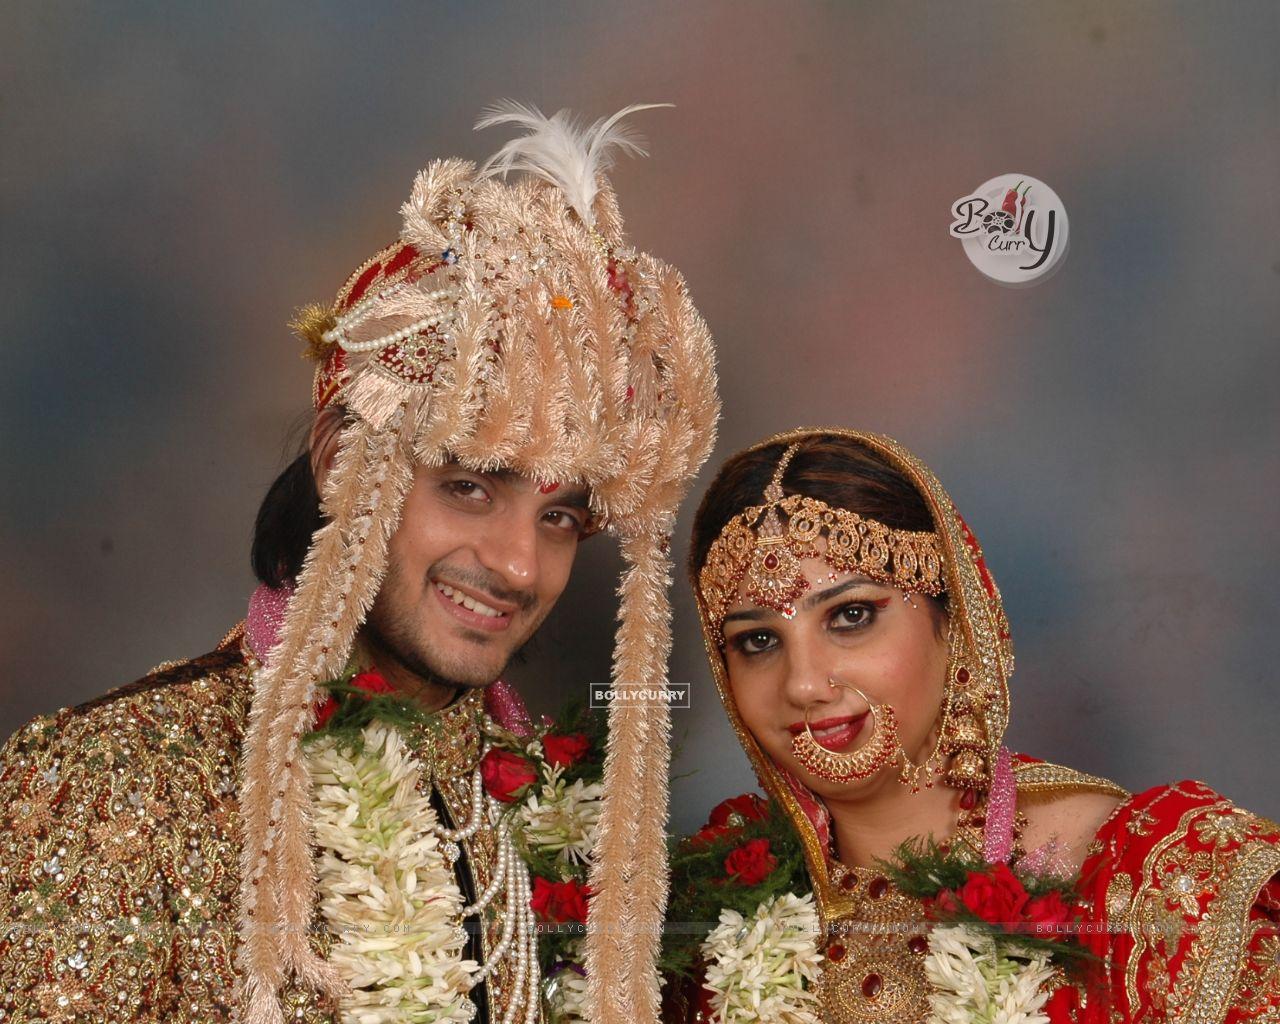 Angad hasija wedding